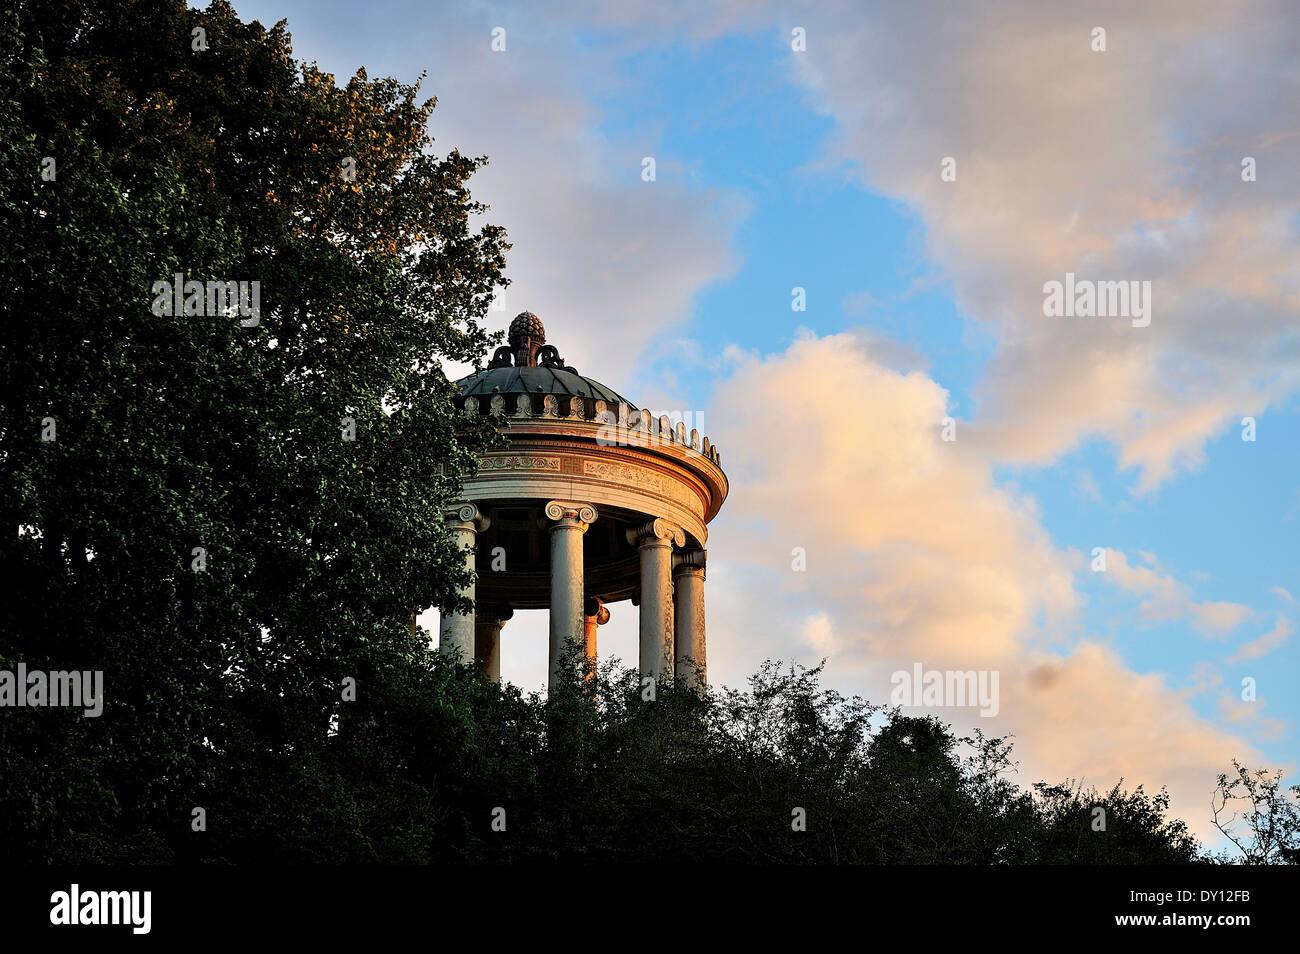 Menopterus, Muenchen, Englischer Garten, Munich, English Garden - Stock Image